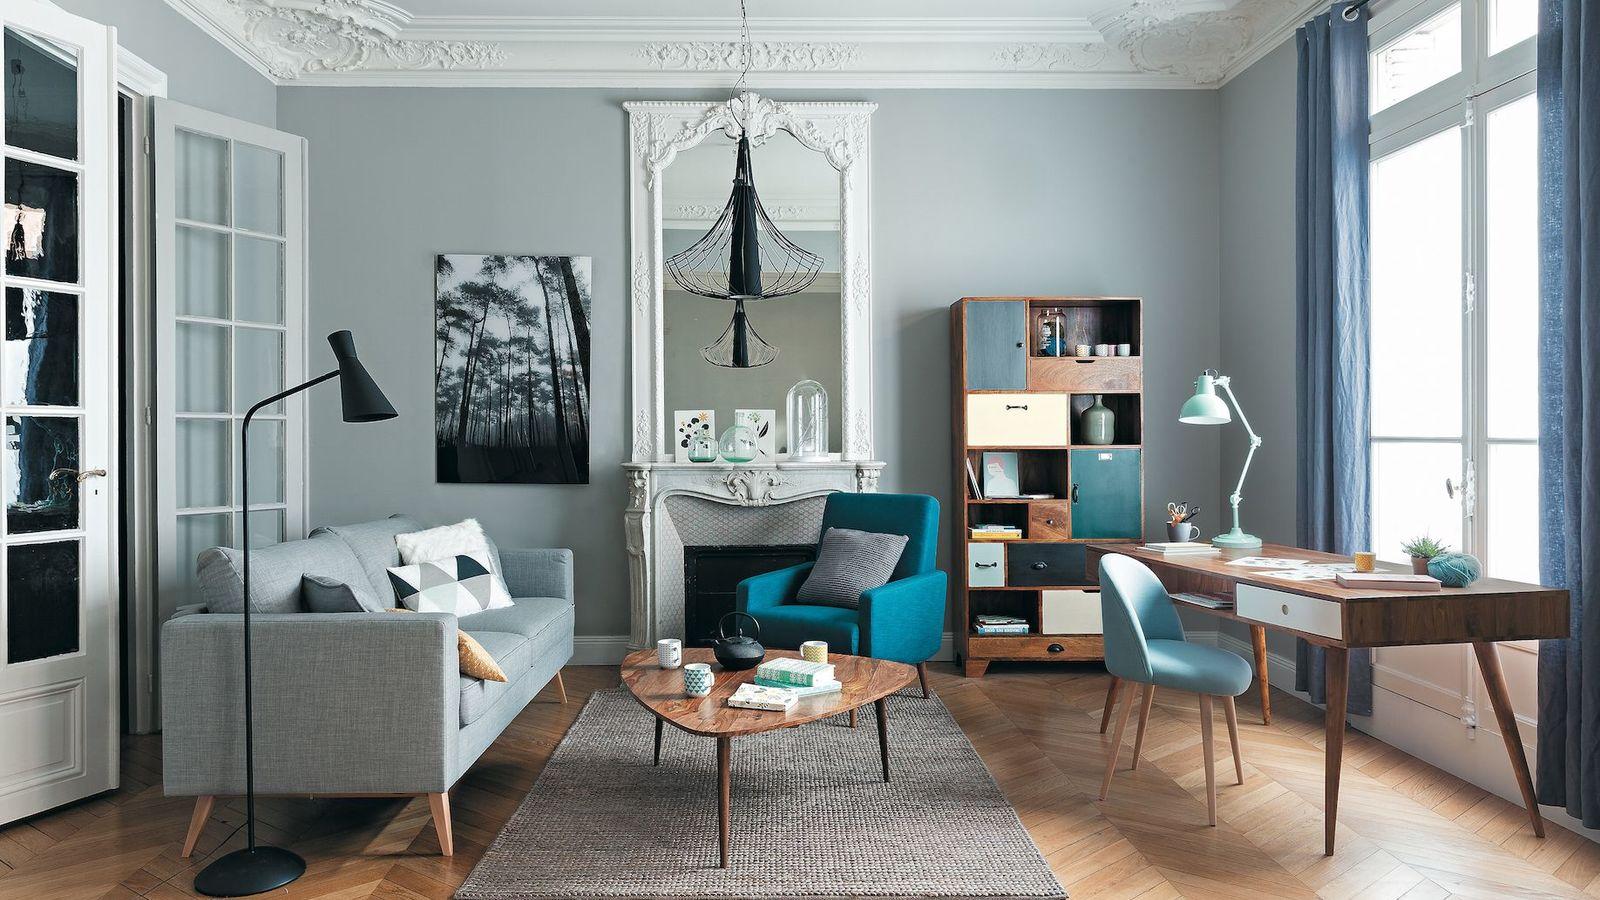 Los 6 errores que debe evitar al decorar su vivienda